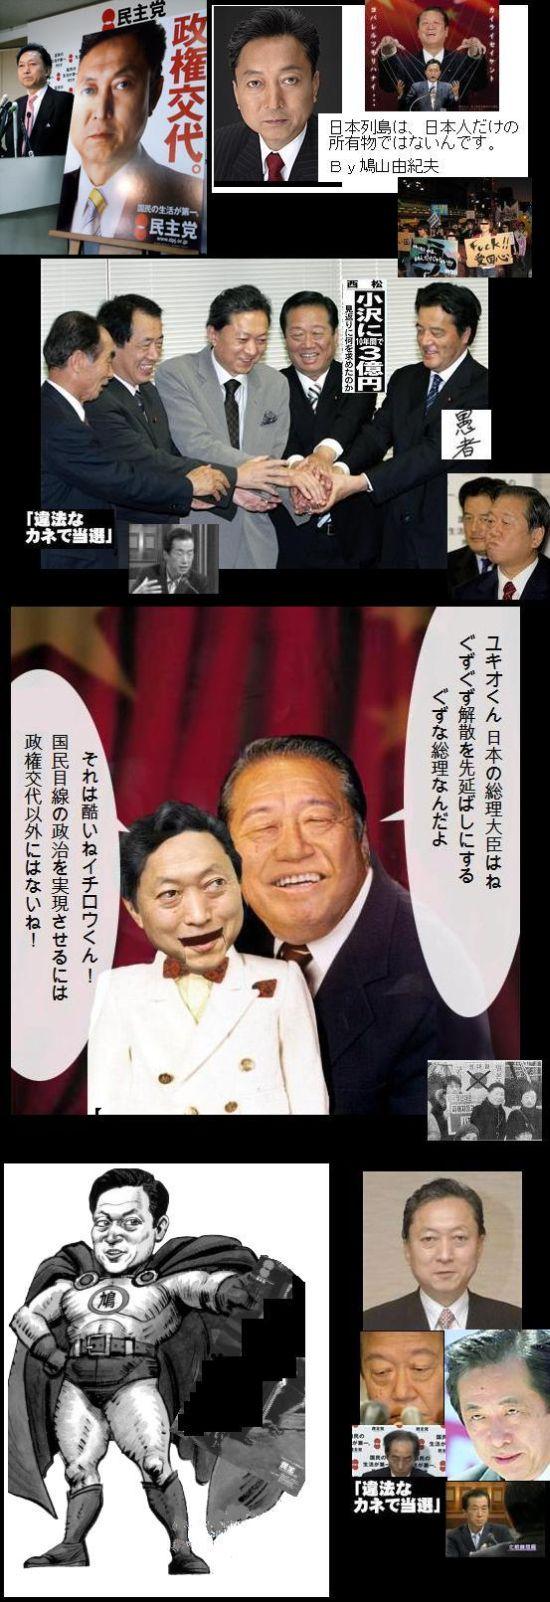 hatoyamakimominsuseitouhoukai1.jpg